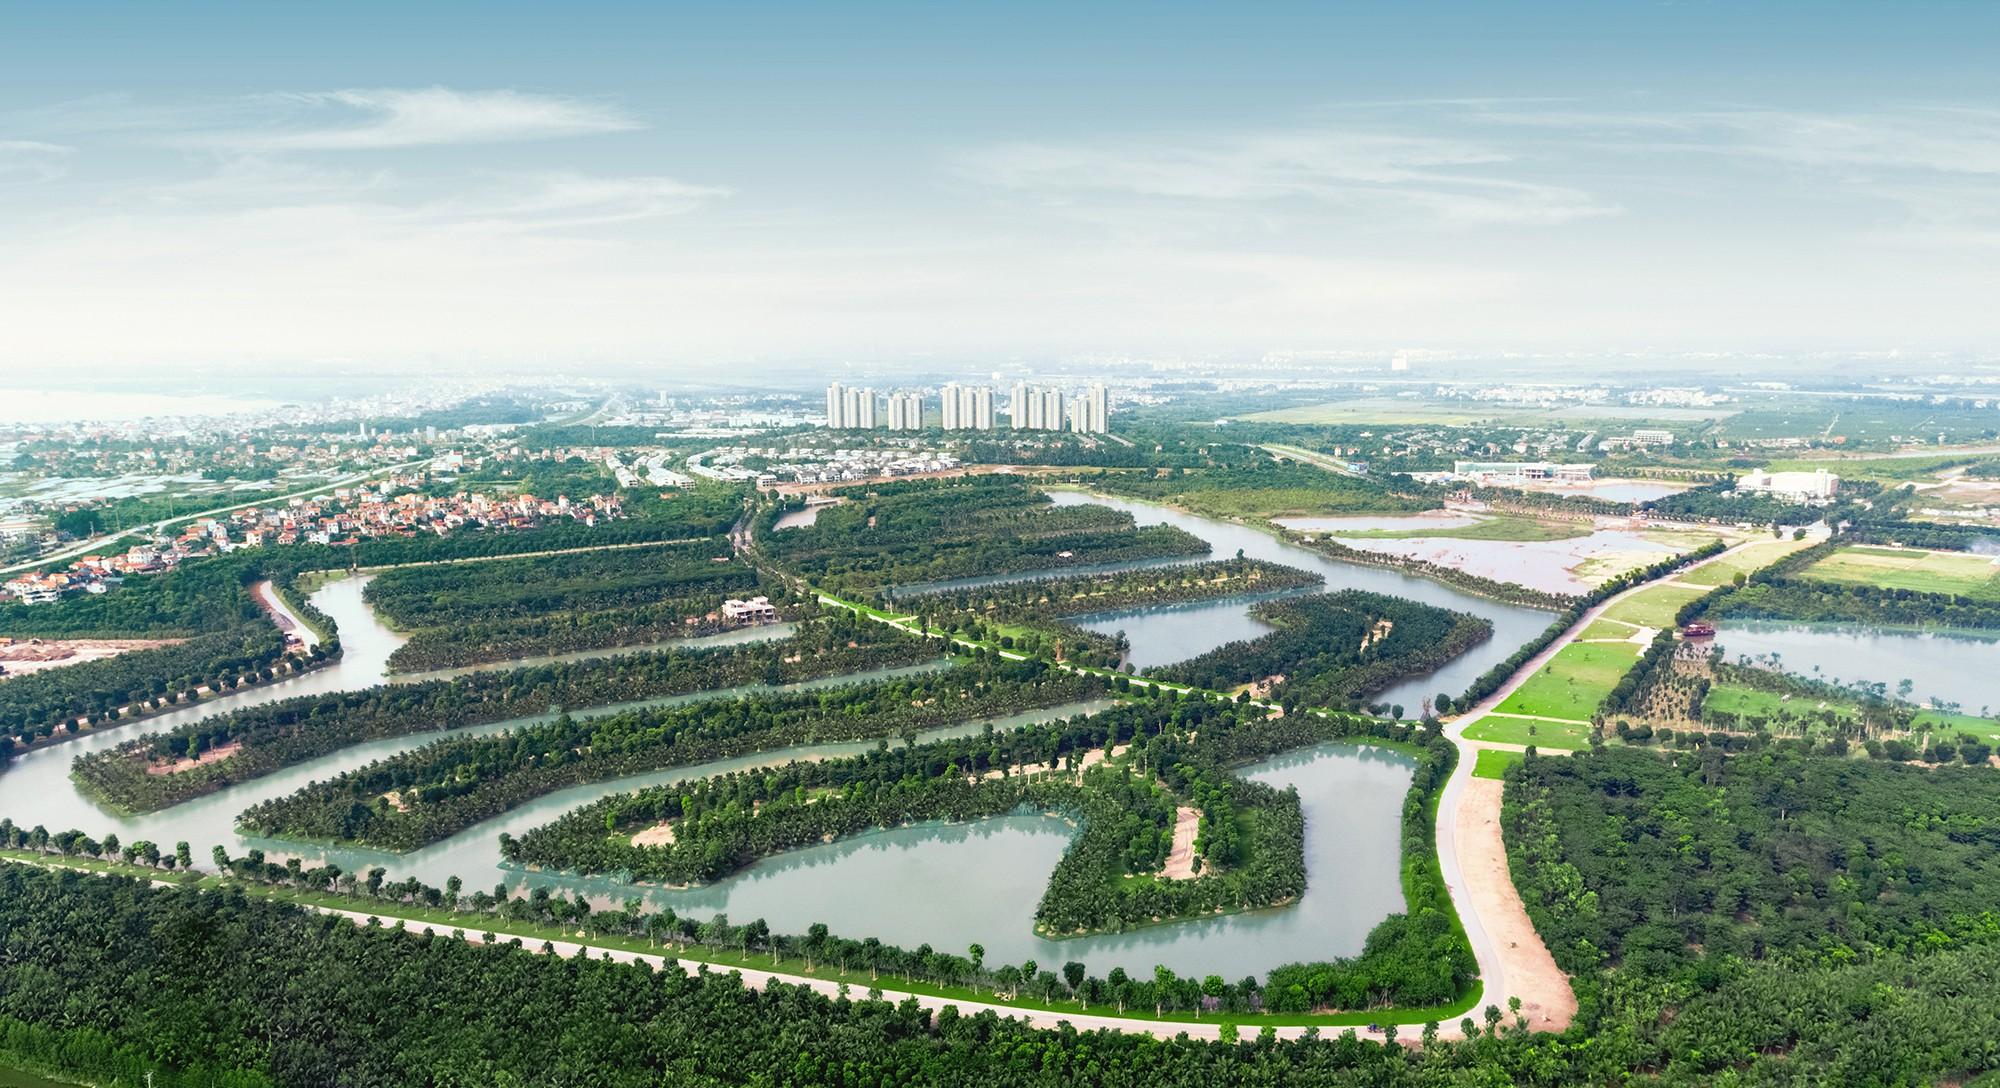 Khám phá không gian sống triệu đô mang tên Ecopark Grand - The Island - Ảnh 4.